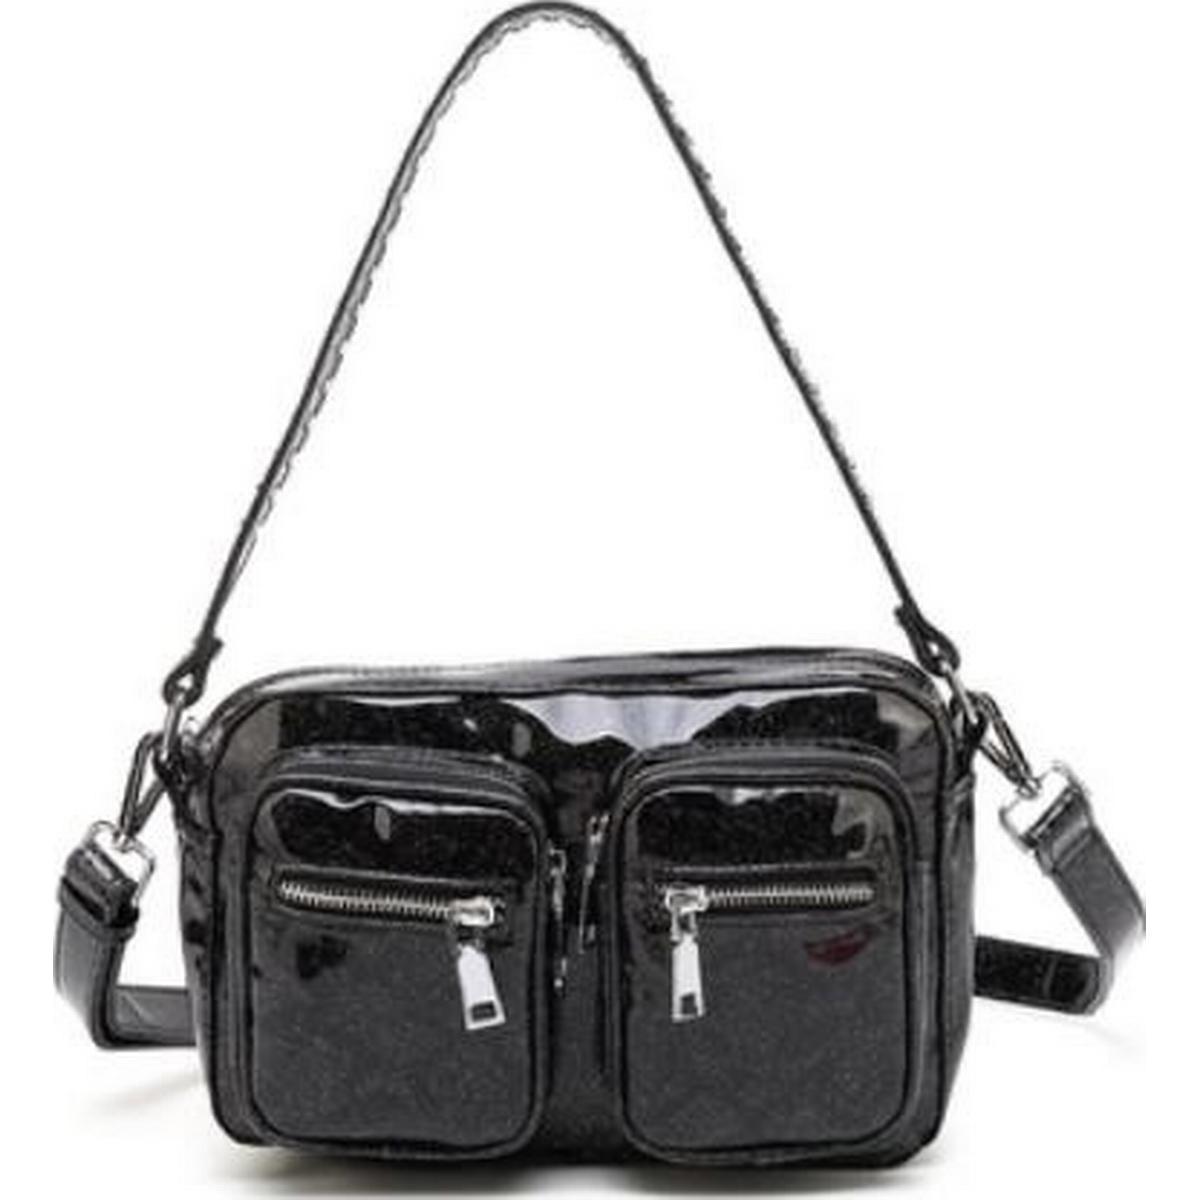 Crossover taske • Find den billigste pris hos PriceRunner nu »